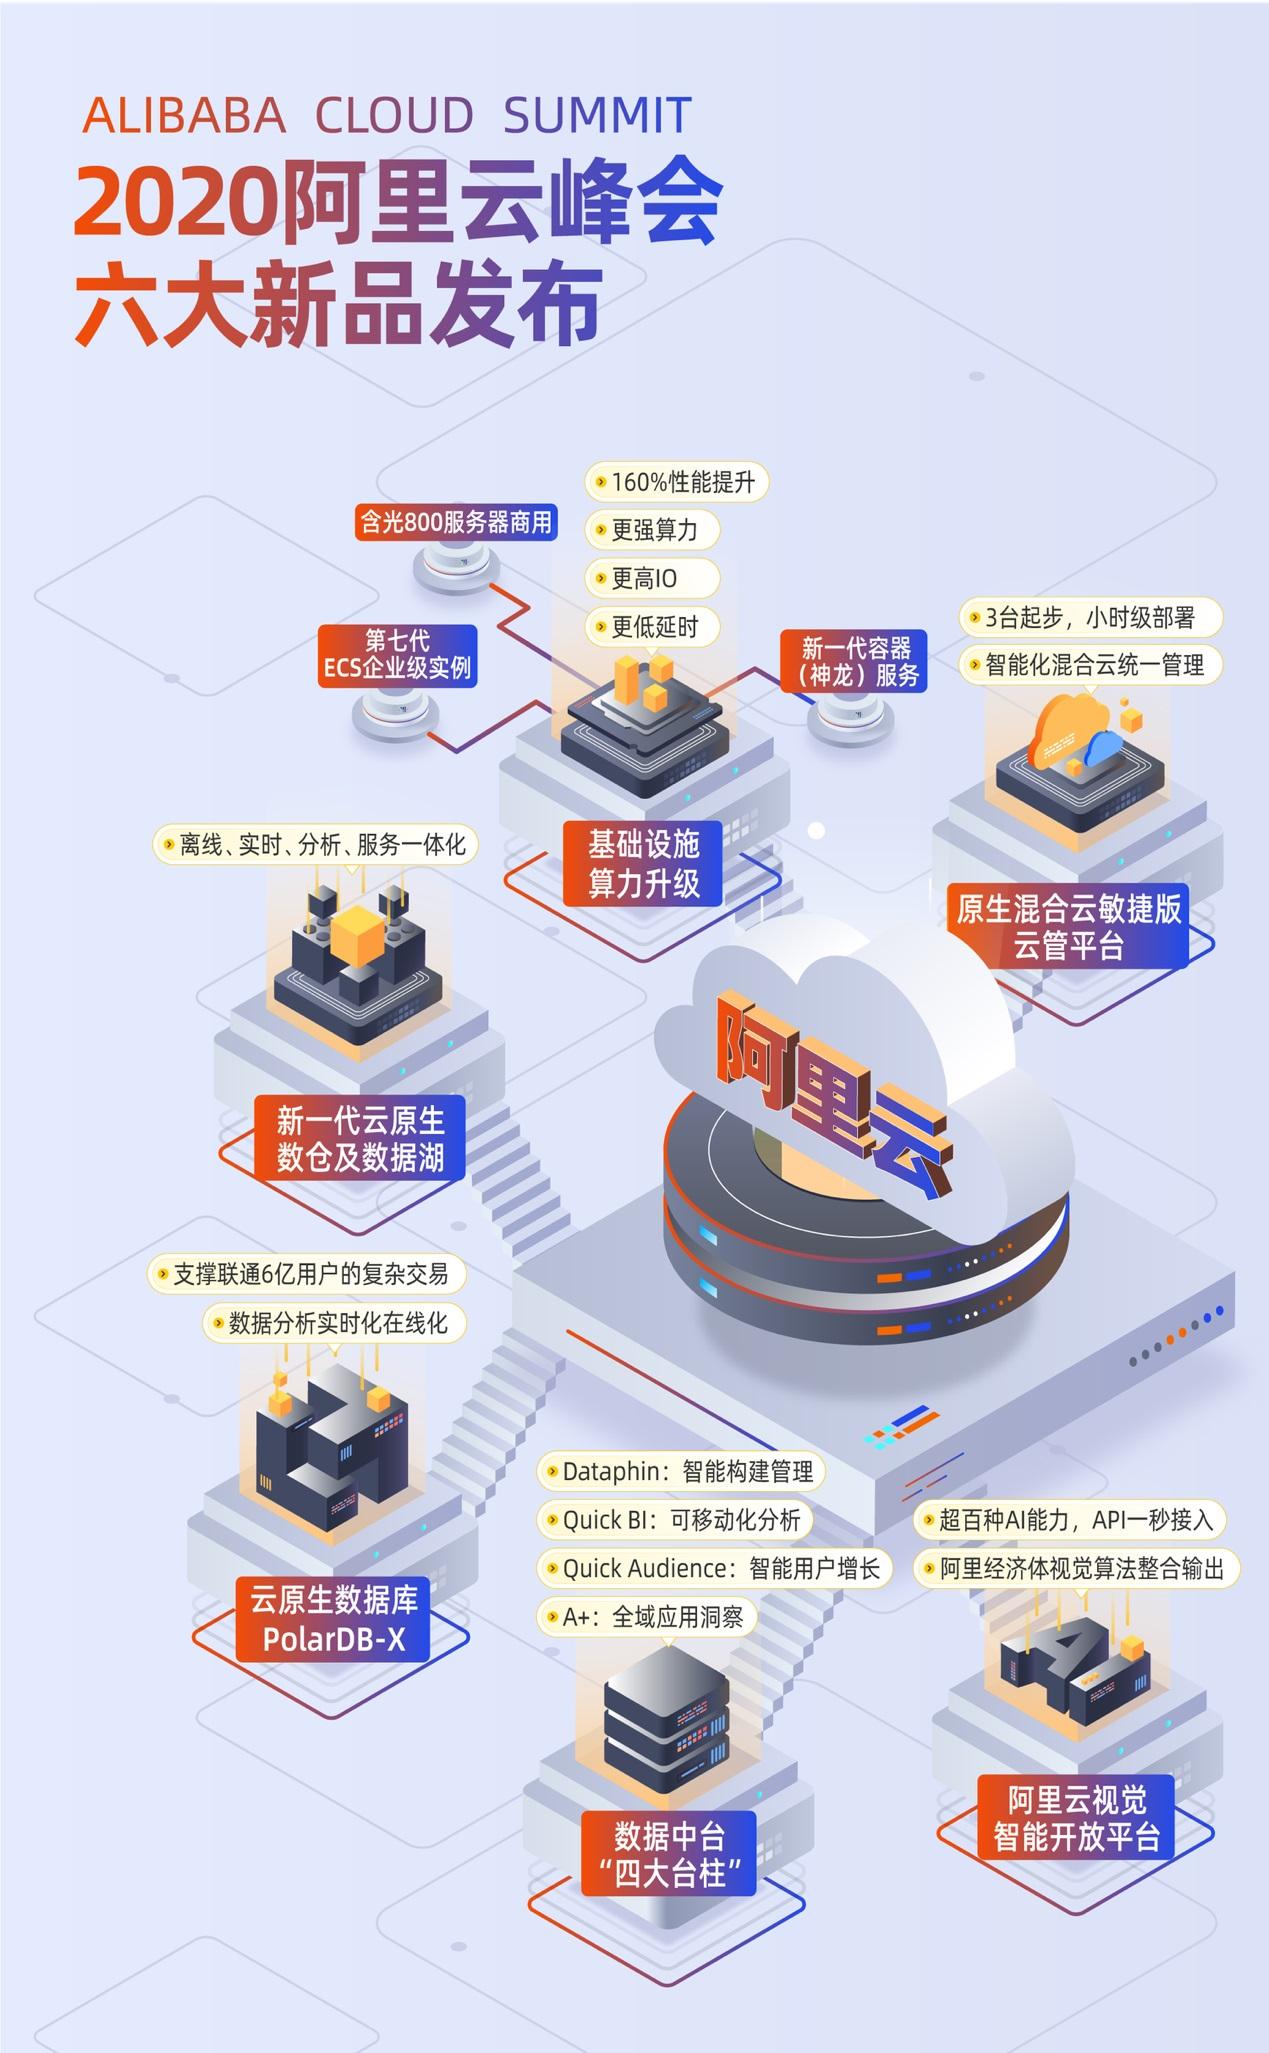 性能飙升160%!阿里云发布第七代ECS、云原生数据库PolarDB-X等重磅新品